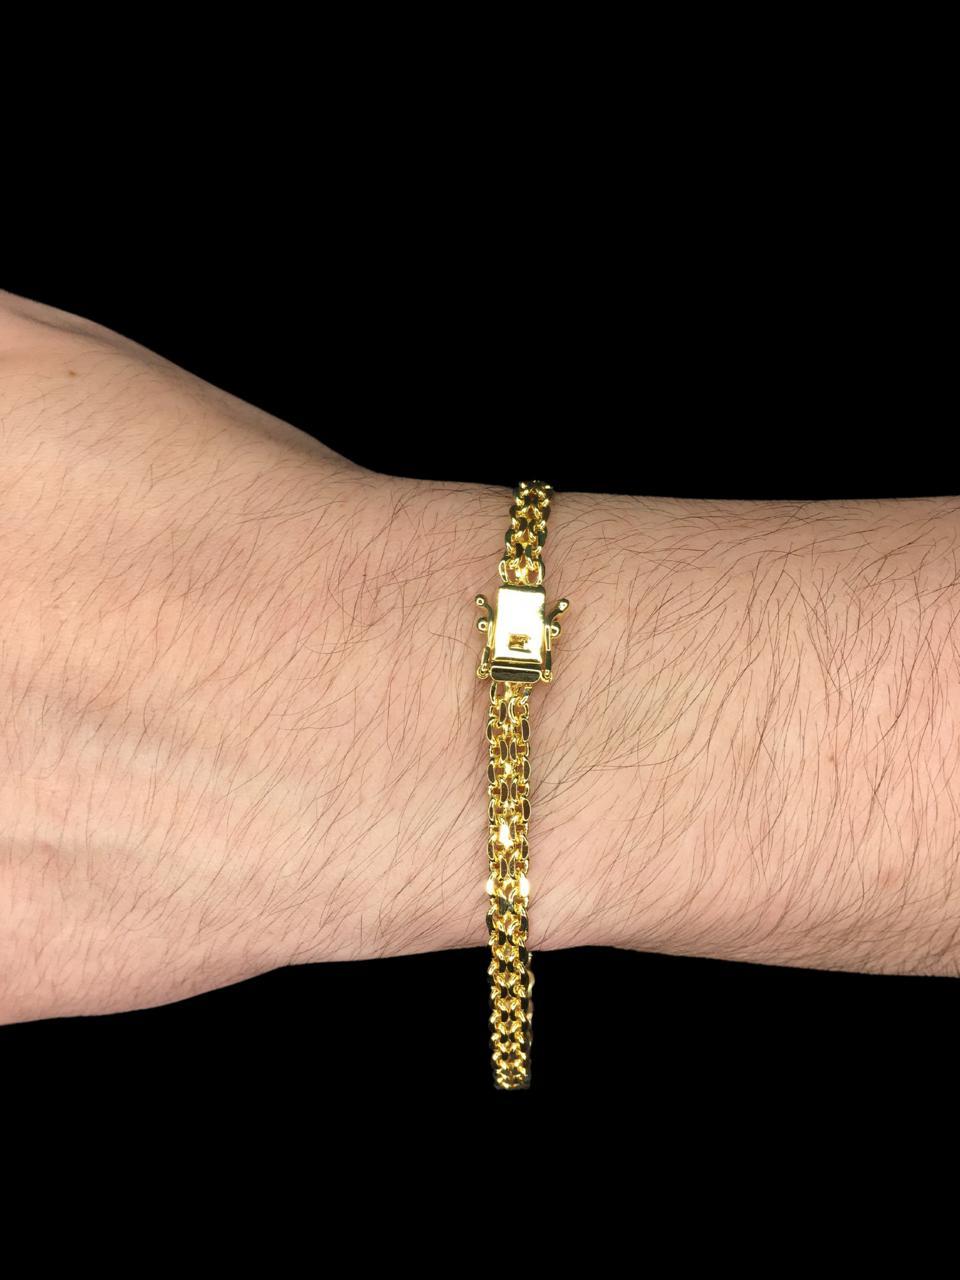 Pulseira Cartie - malha dupla -  5 milímetros - 22 Centímetros - fecho gaveta - Banhado a ouro 18 k